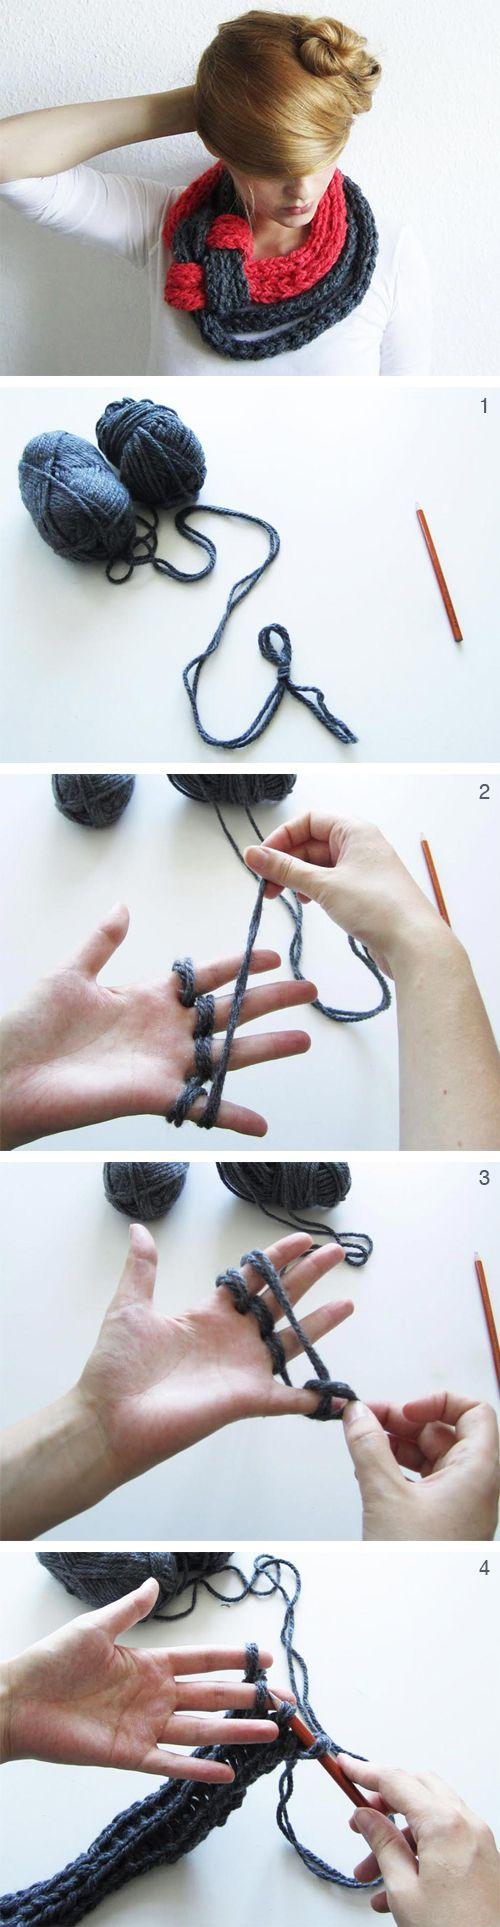 DIY Strickanleitung: Durch Fingerstricken einen Schal kreieren // diy tutorial: how to fingerknit a scarf via DaWanda.com